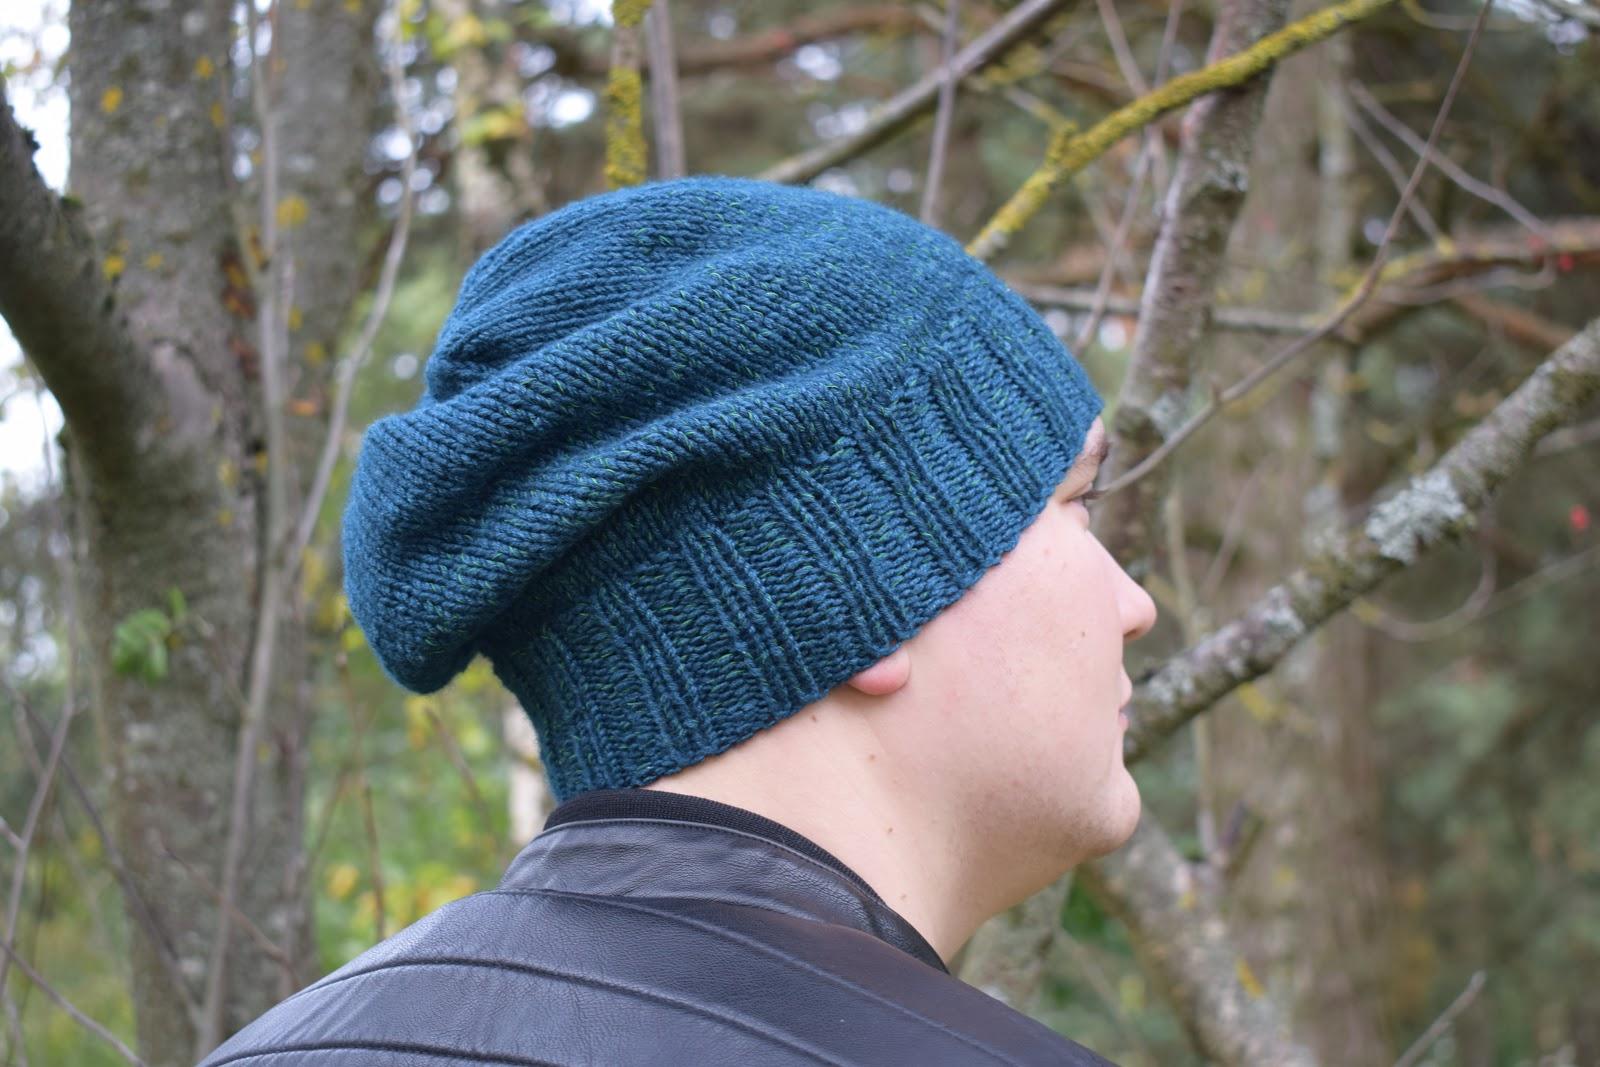 425687c41ae Käsitöö: Helkurniidiga müts kõige kallimale